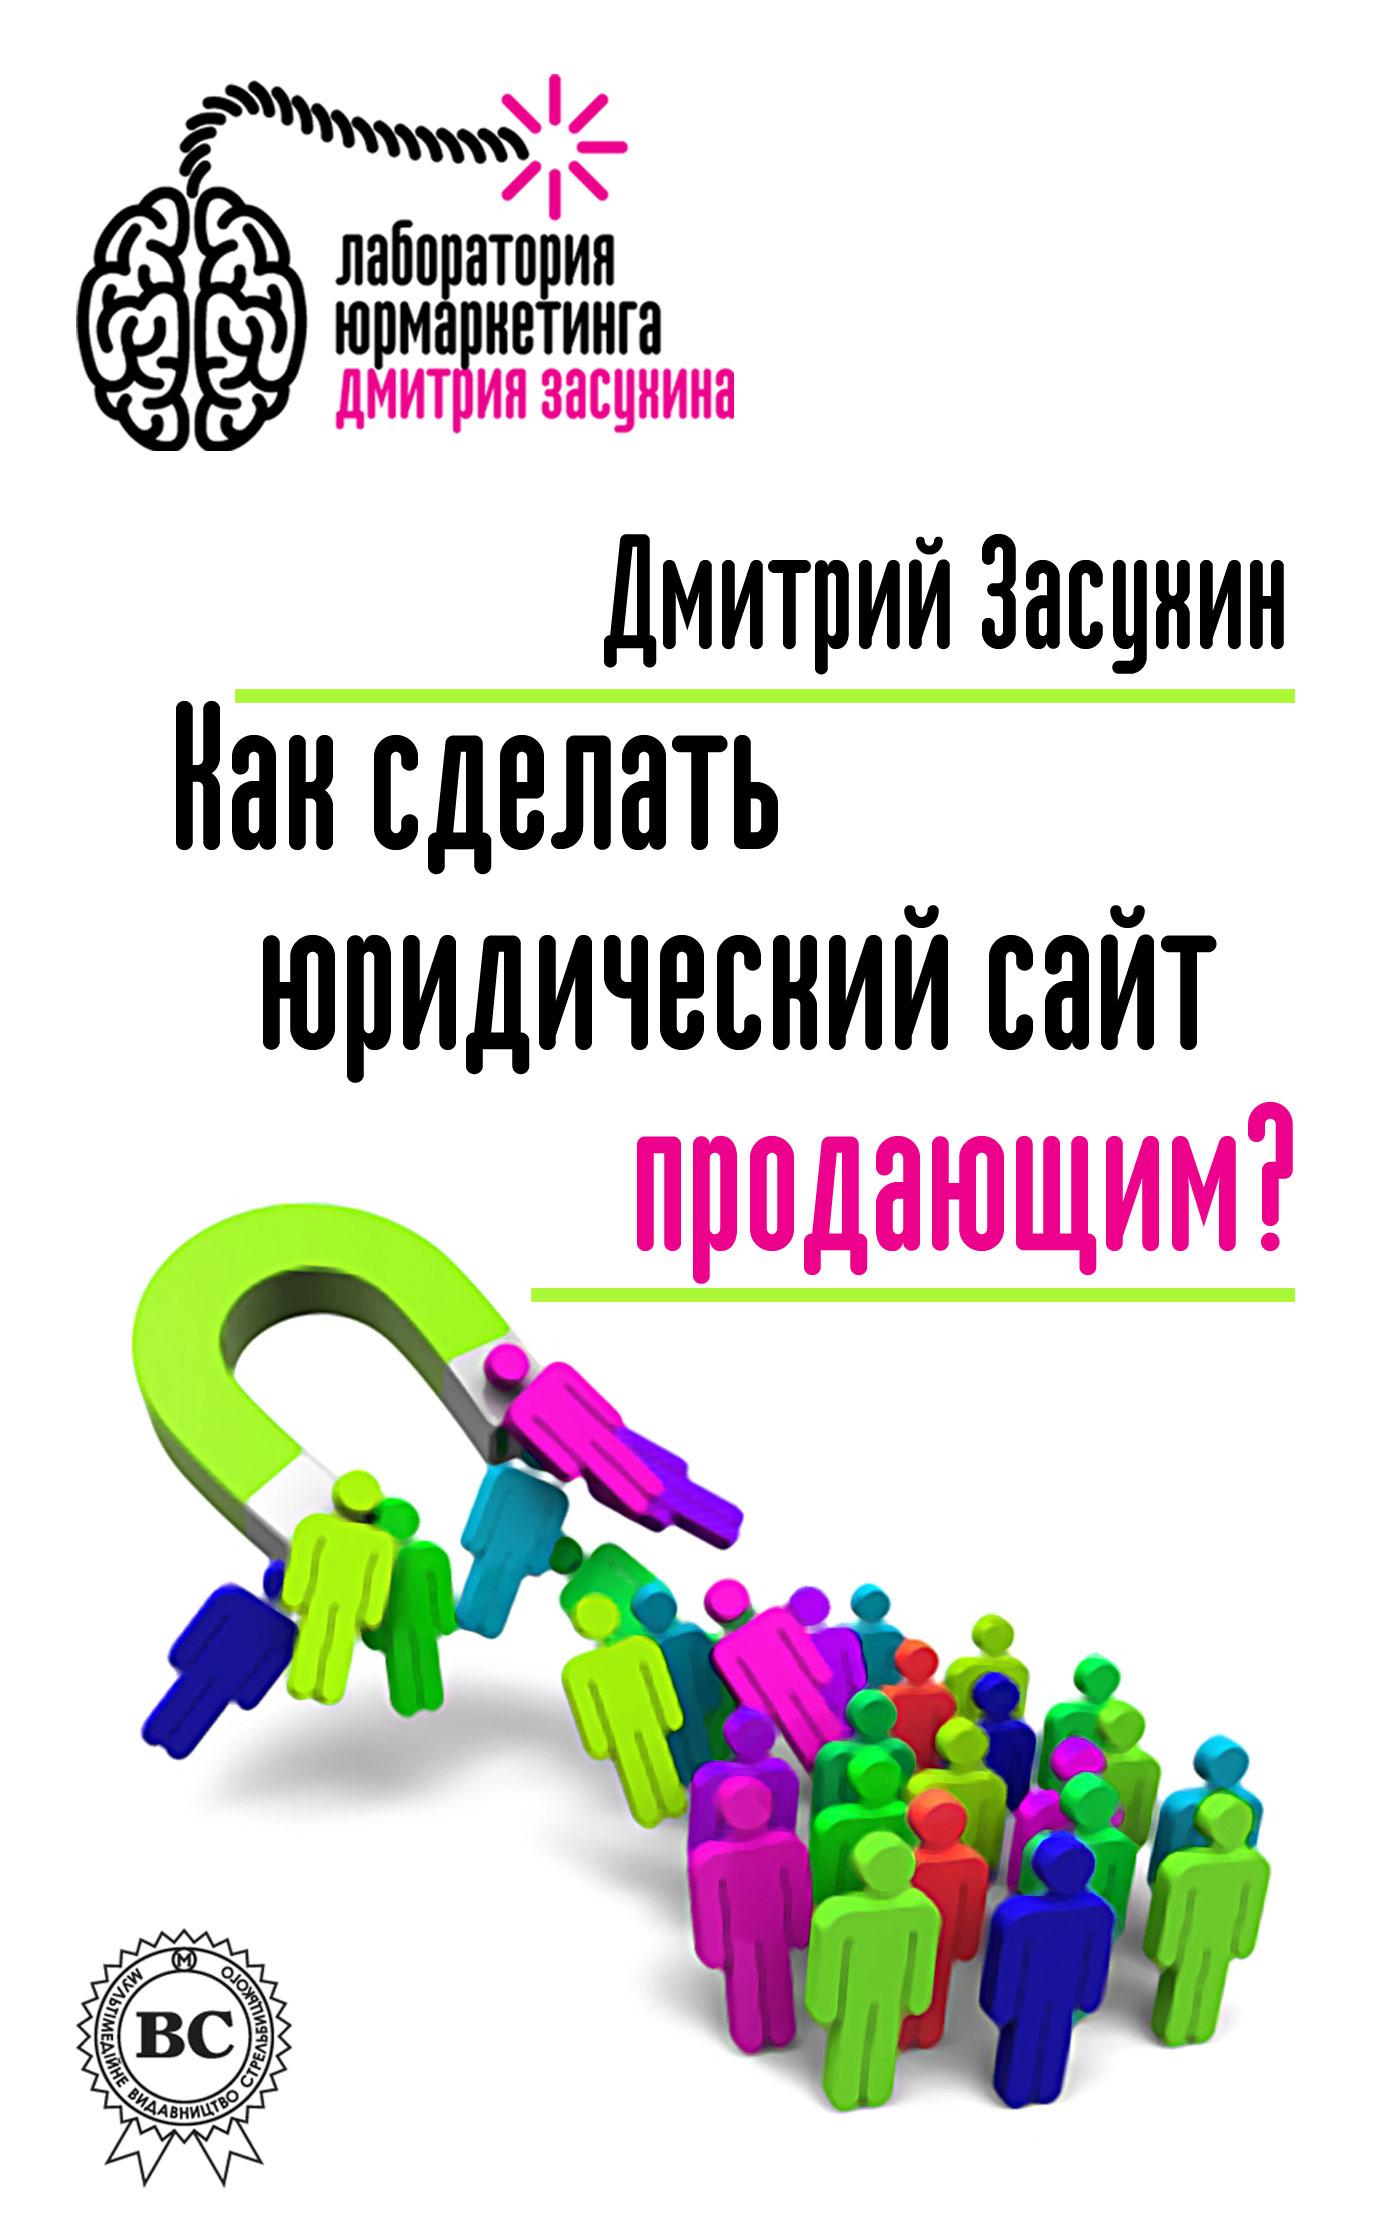 Дмитрий Засухин Как сделать юридический сайт продающим? дмитрий засухин как сделать юридический сайт продающим